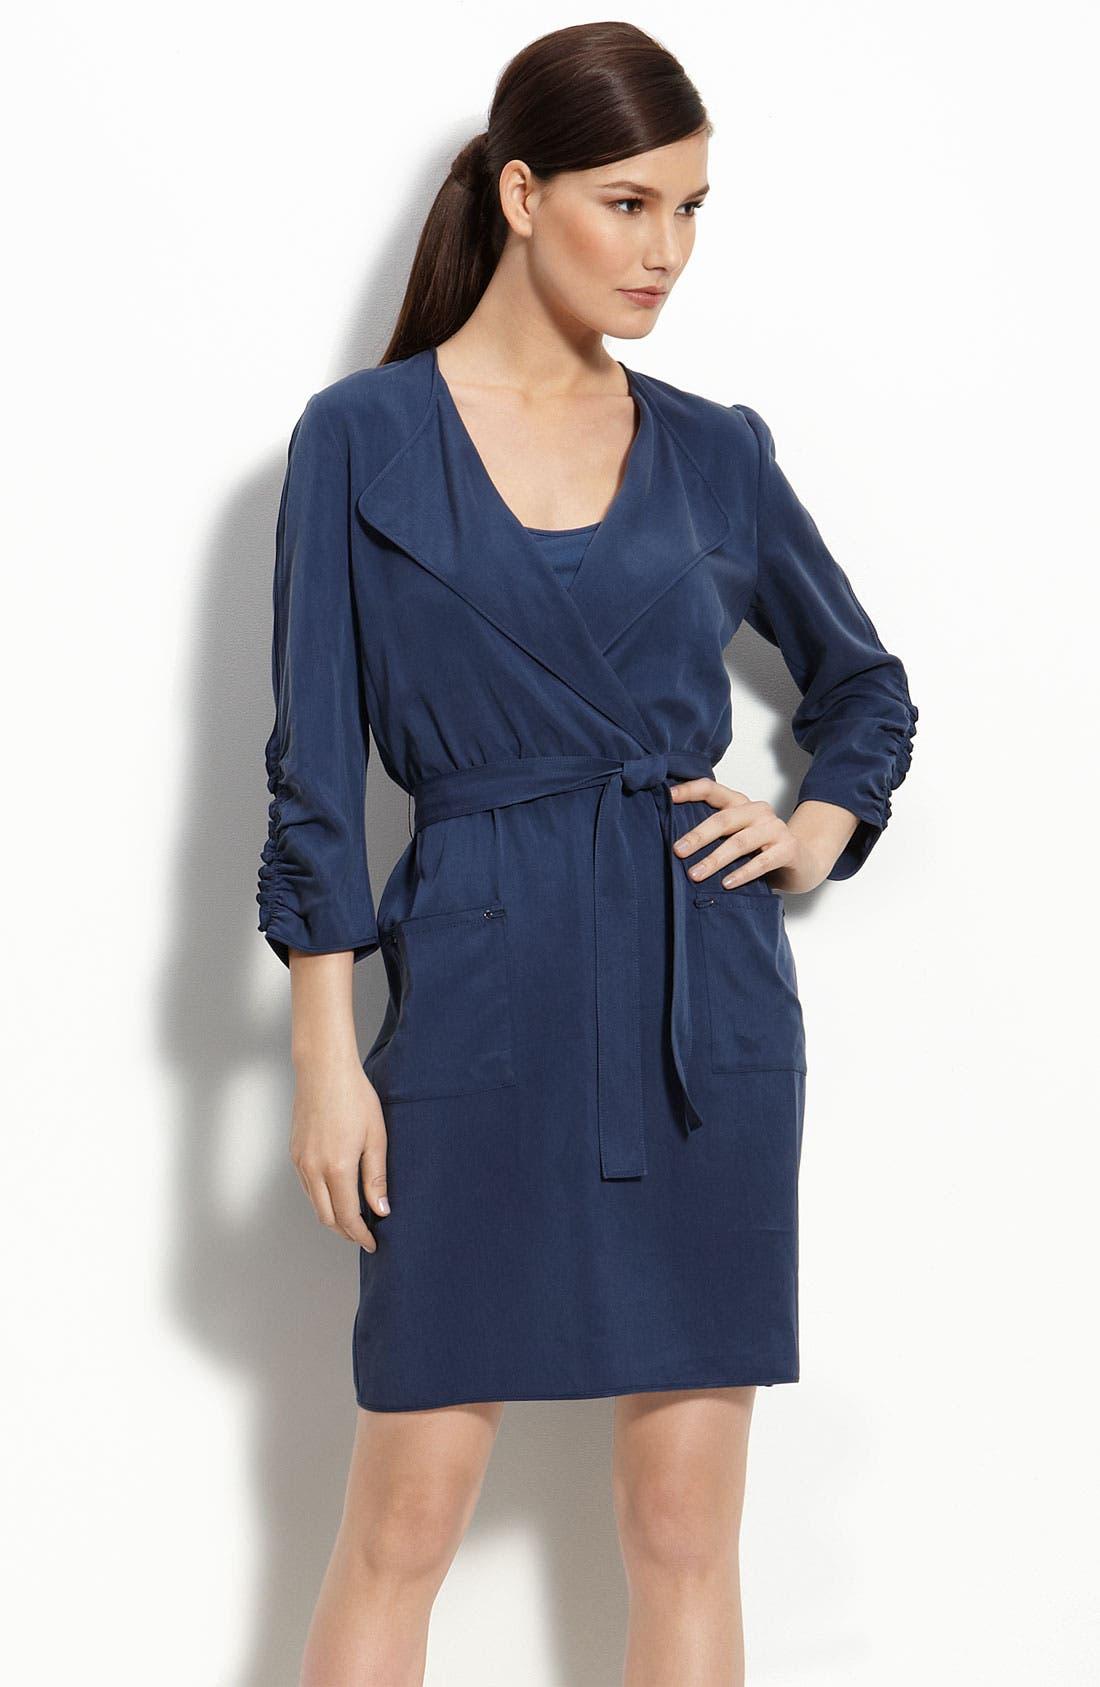 ELIE TAHARI 'Tera' Dress, Main, color, 455